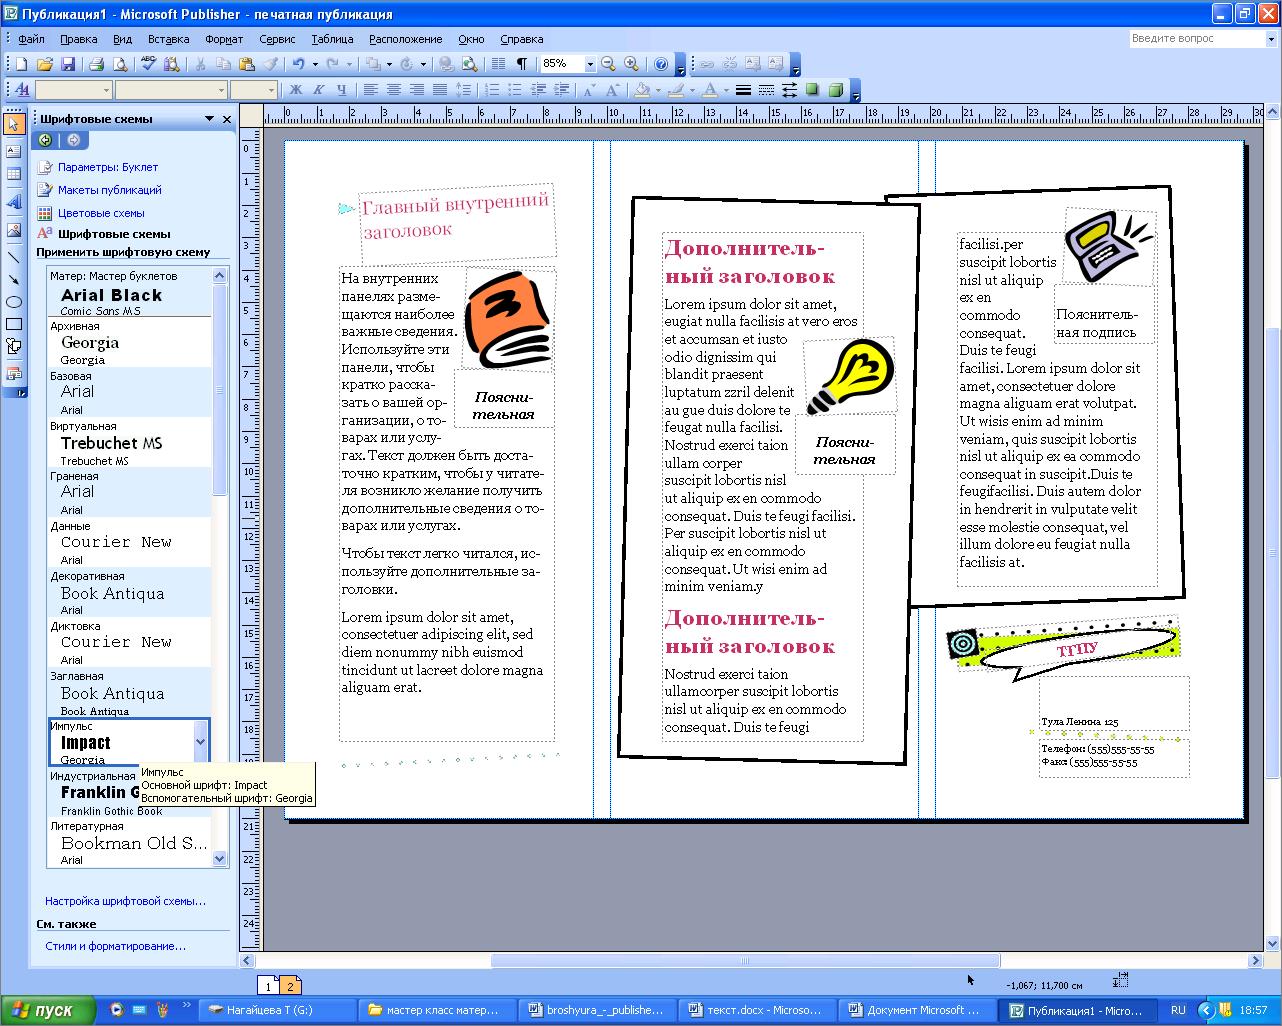 Как составить коммерческое предложение: образец, примеры и 77